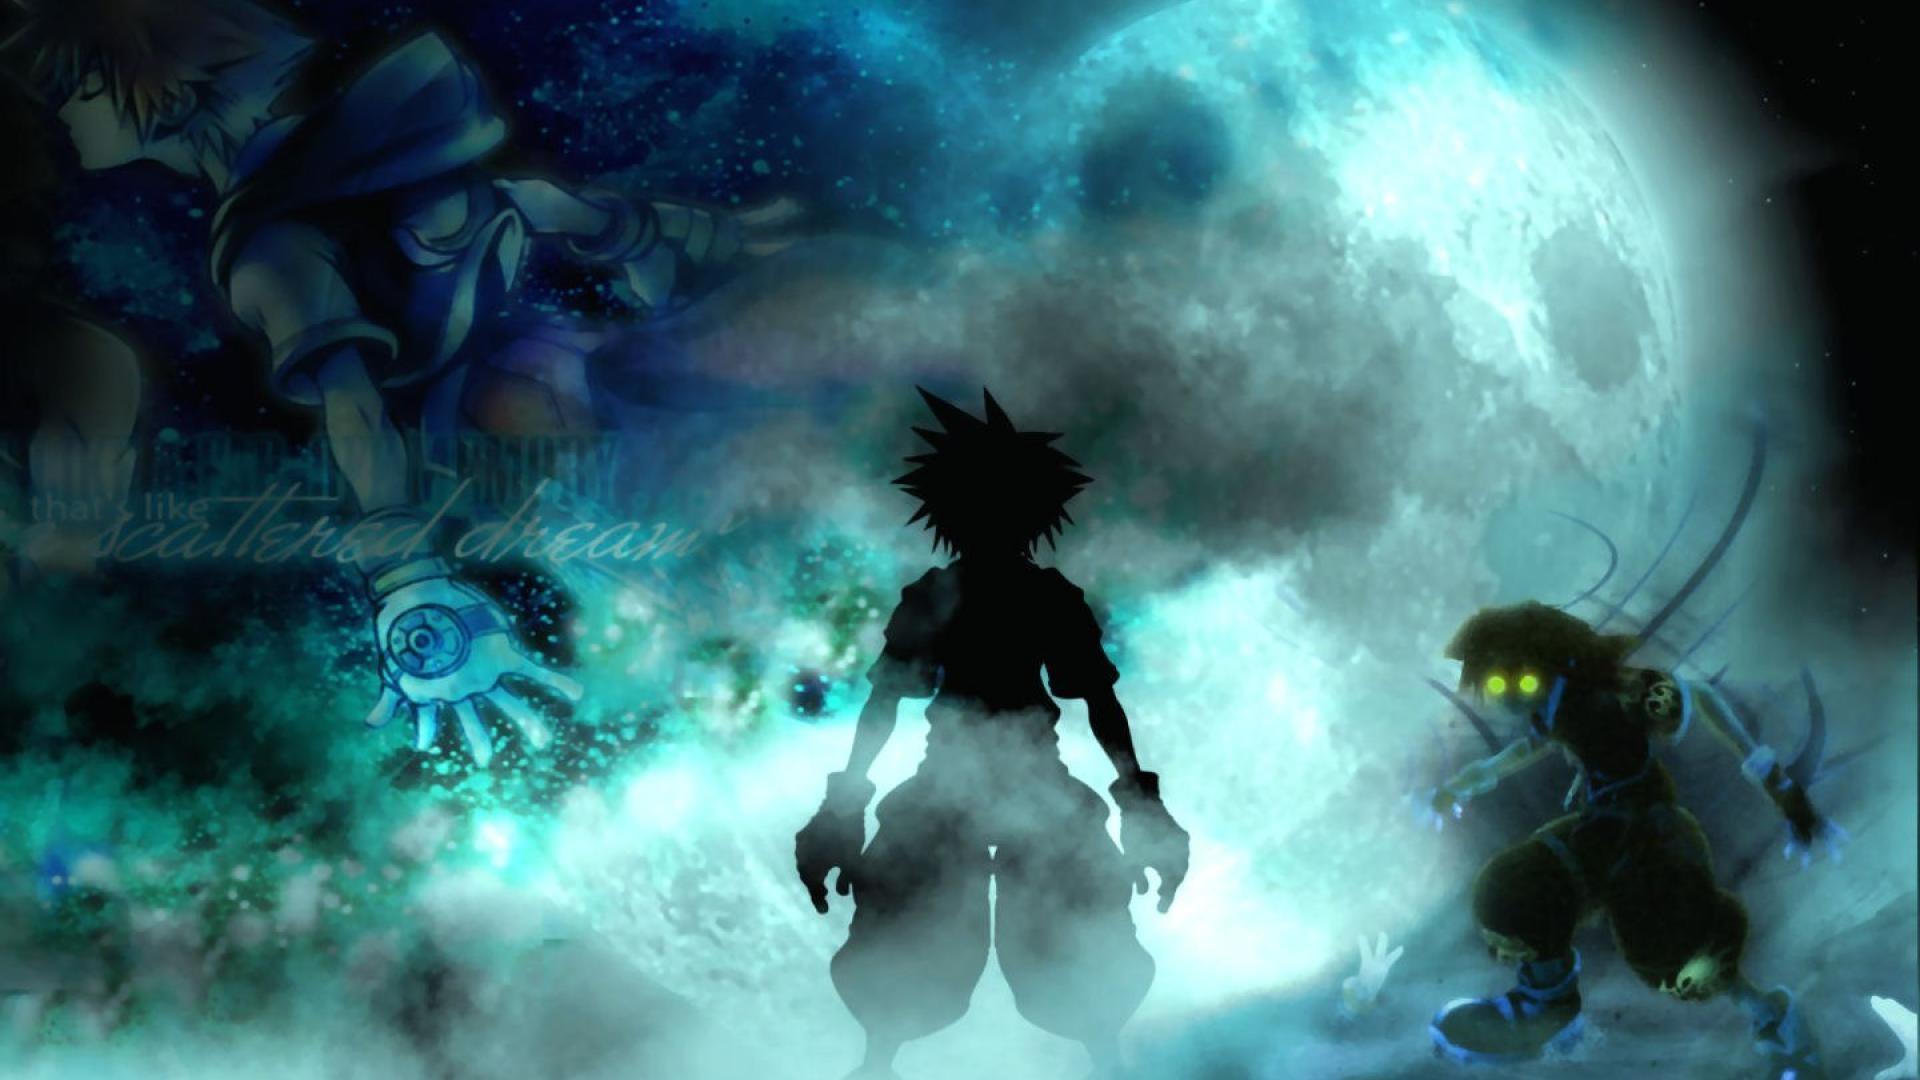 Kingdom Hearts HD Wallpaper (67+ images)